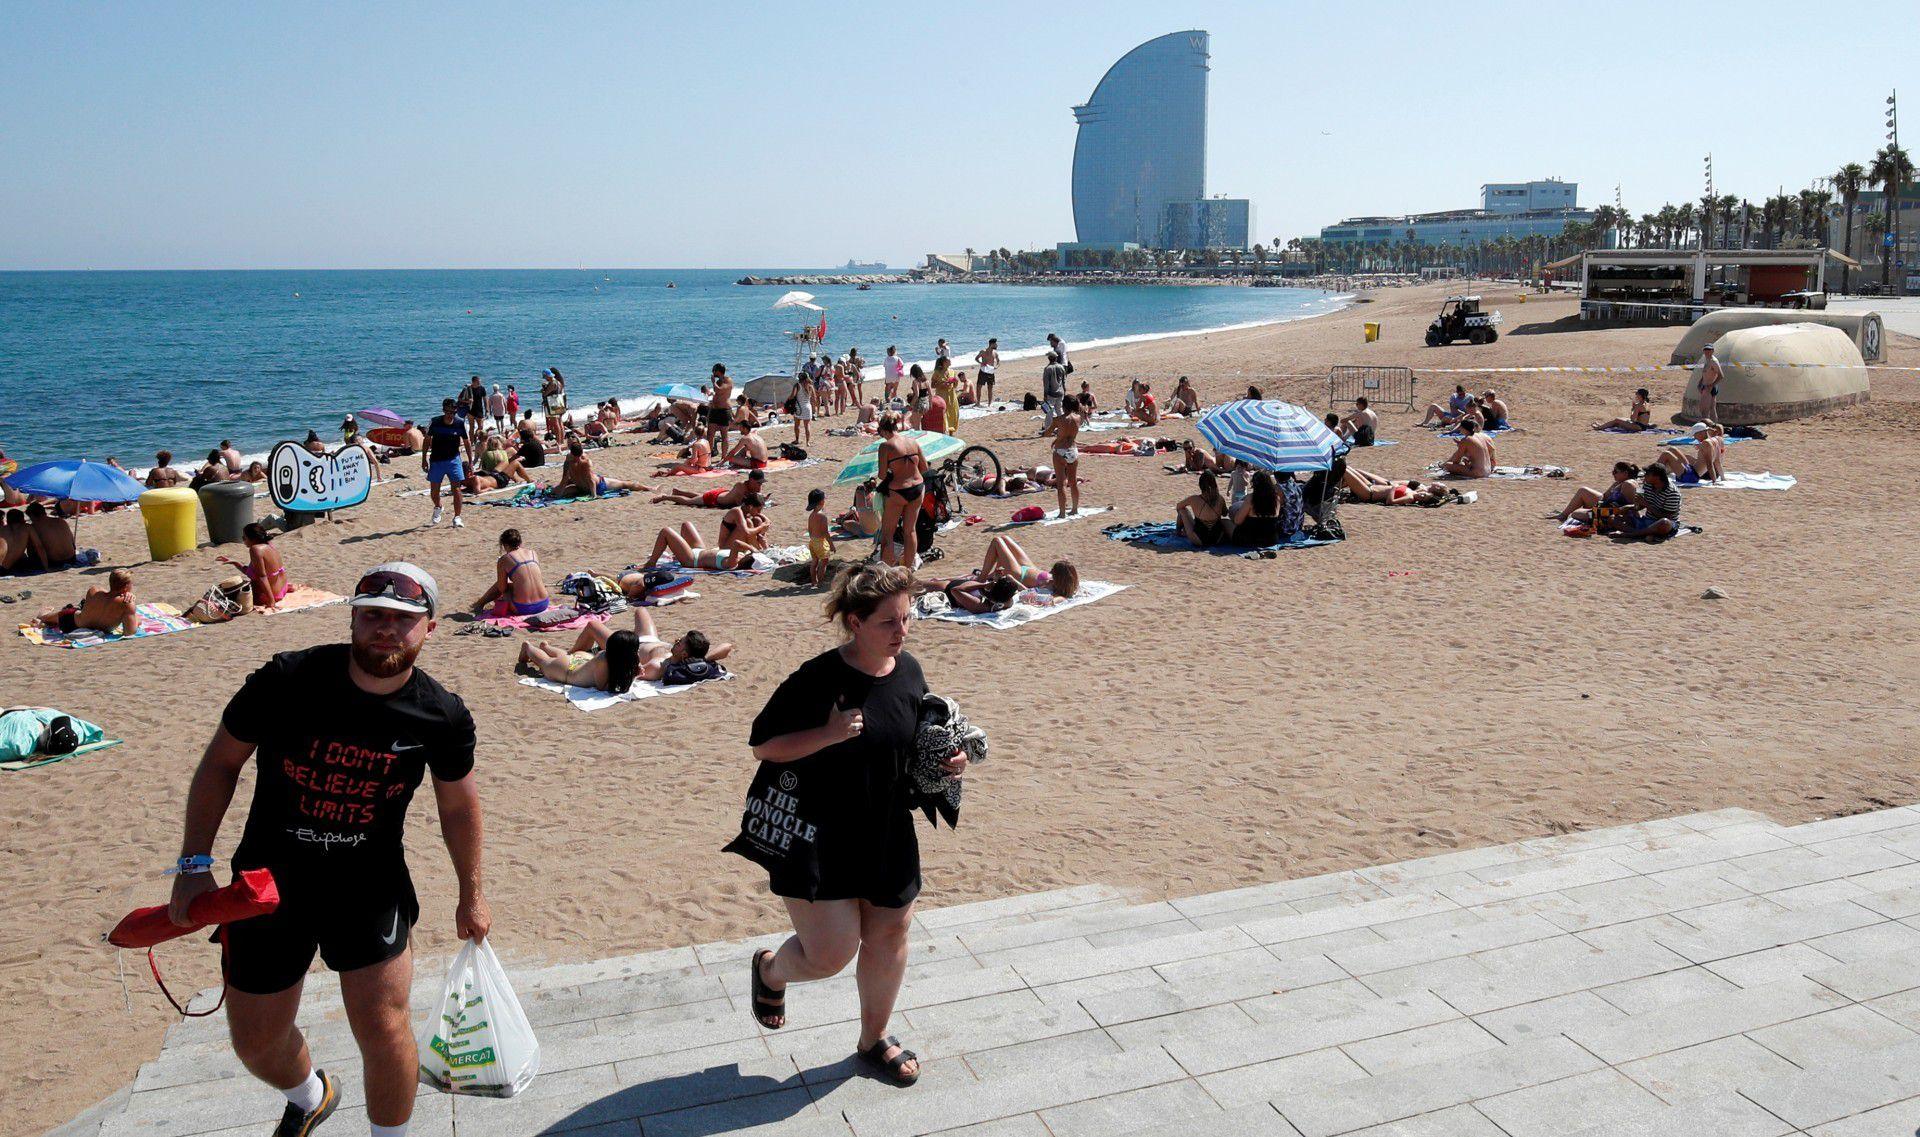 Veraneantes se retiran de la playa por orden policial (Reuters)